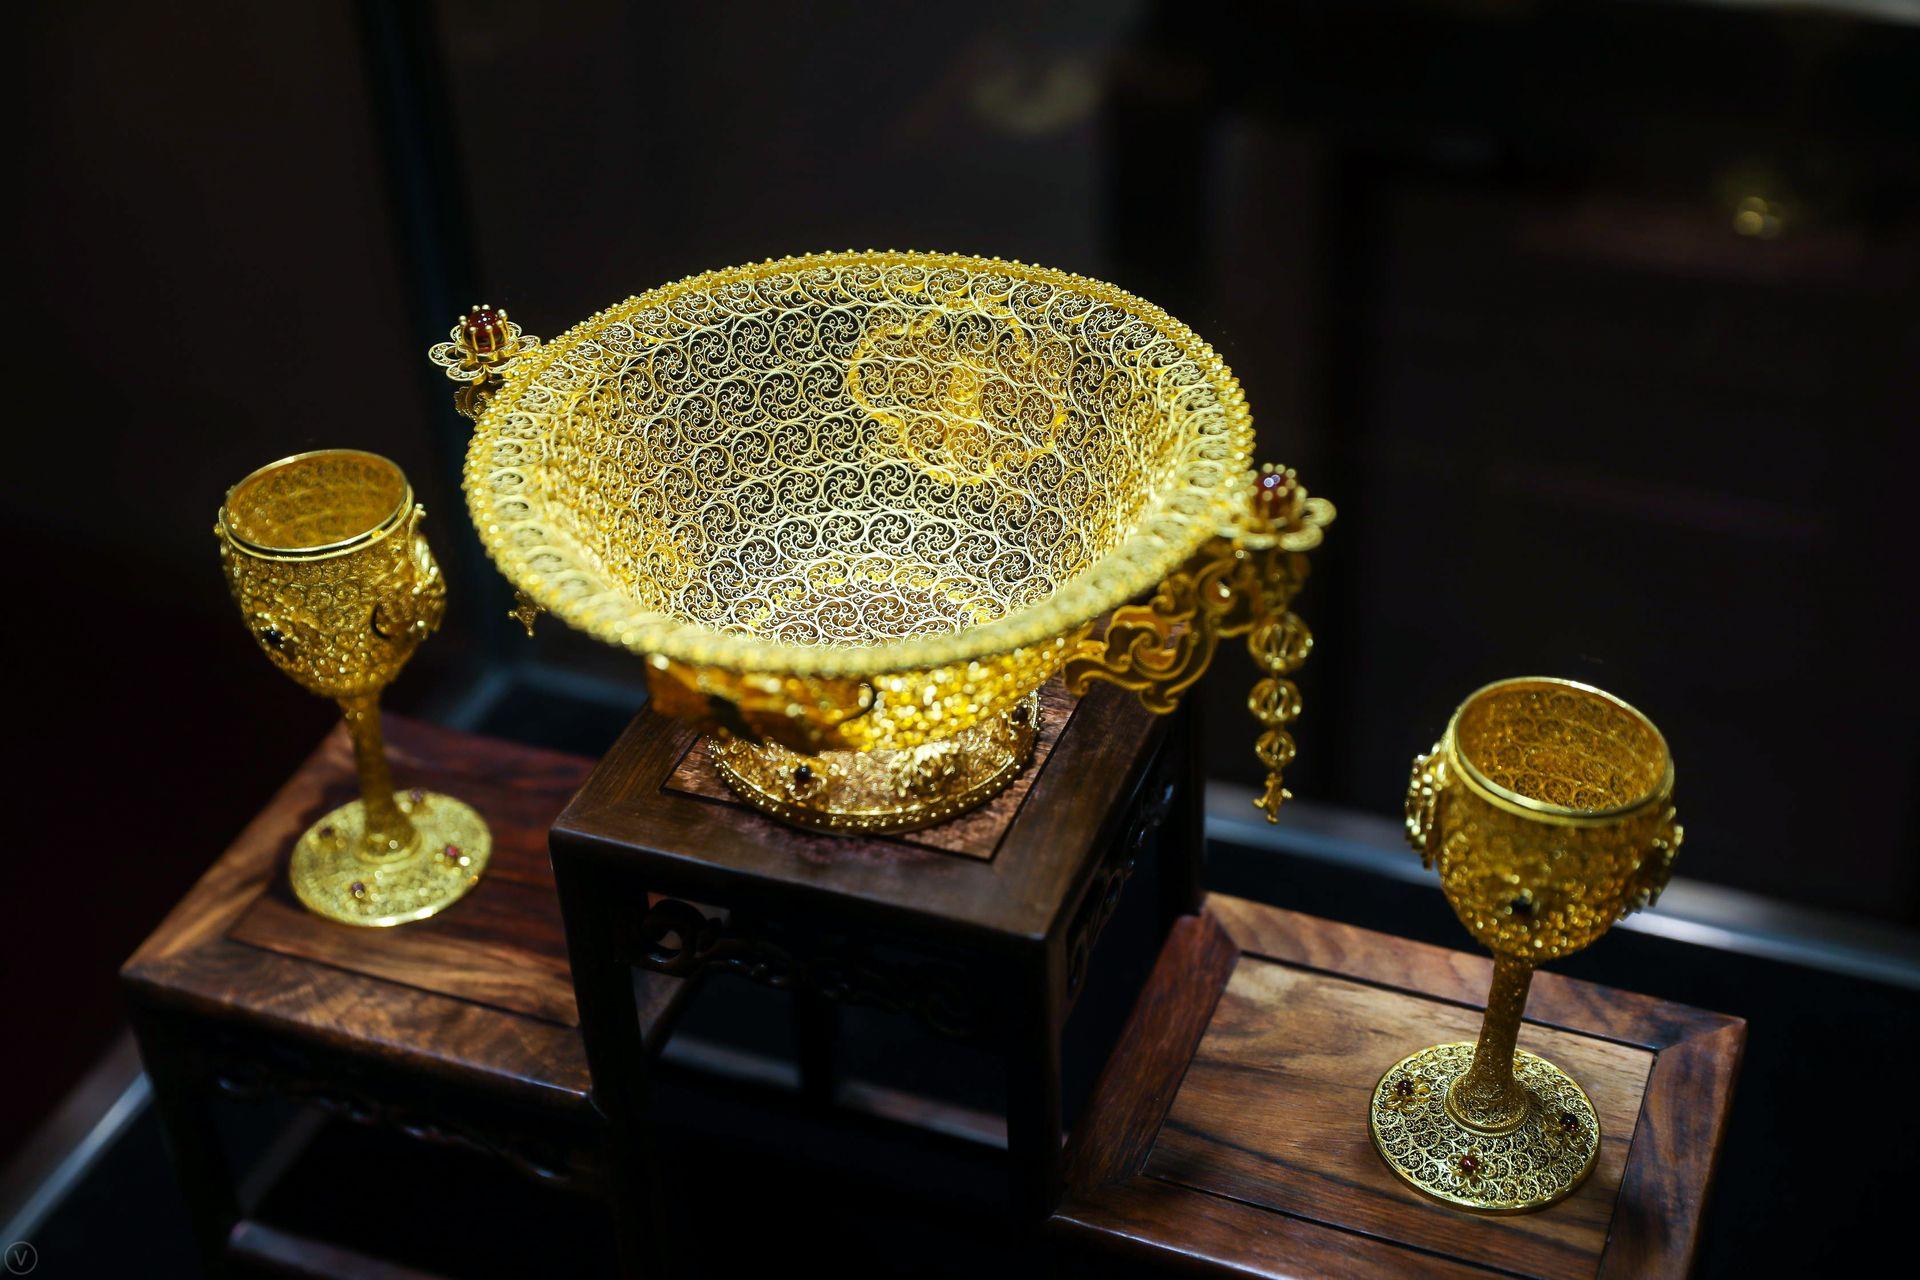 2018年上半年全国黄金实际消费量541.22吨